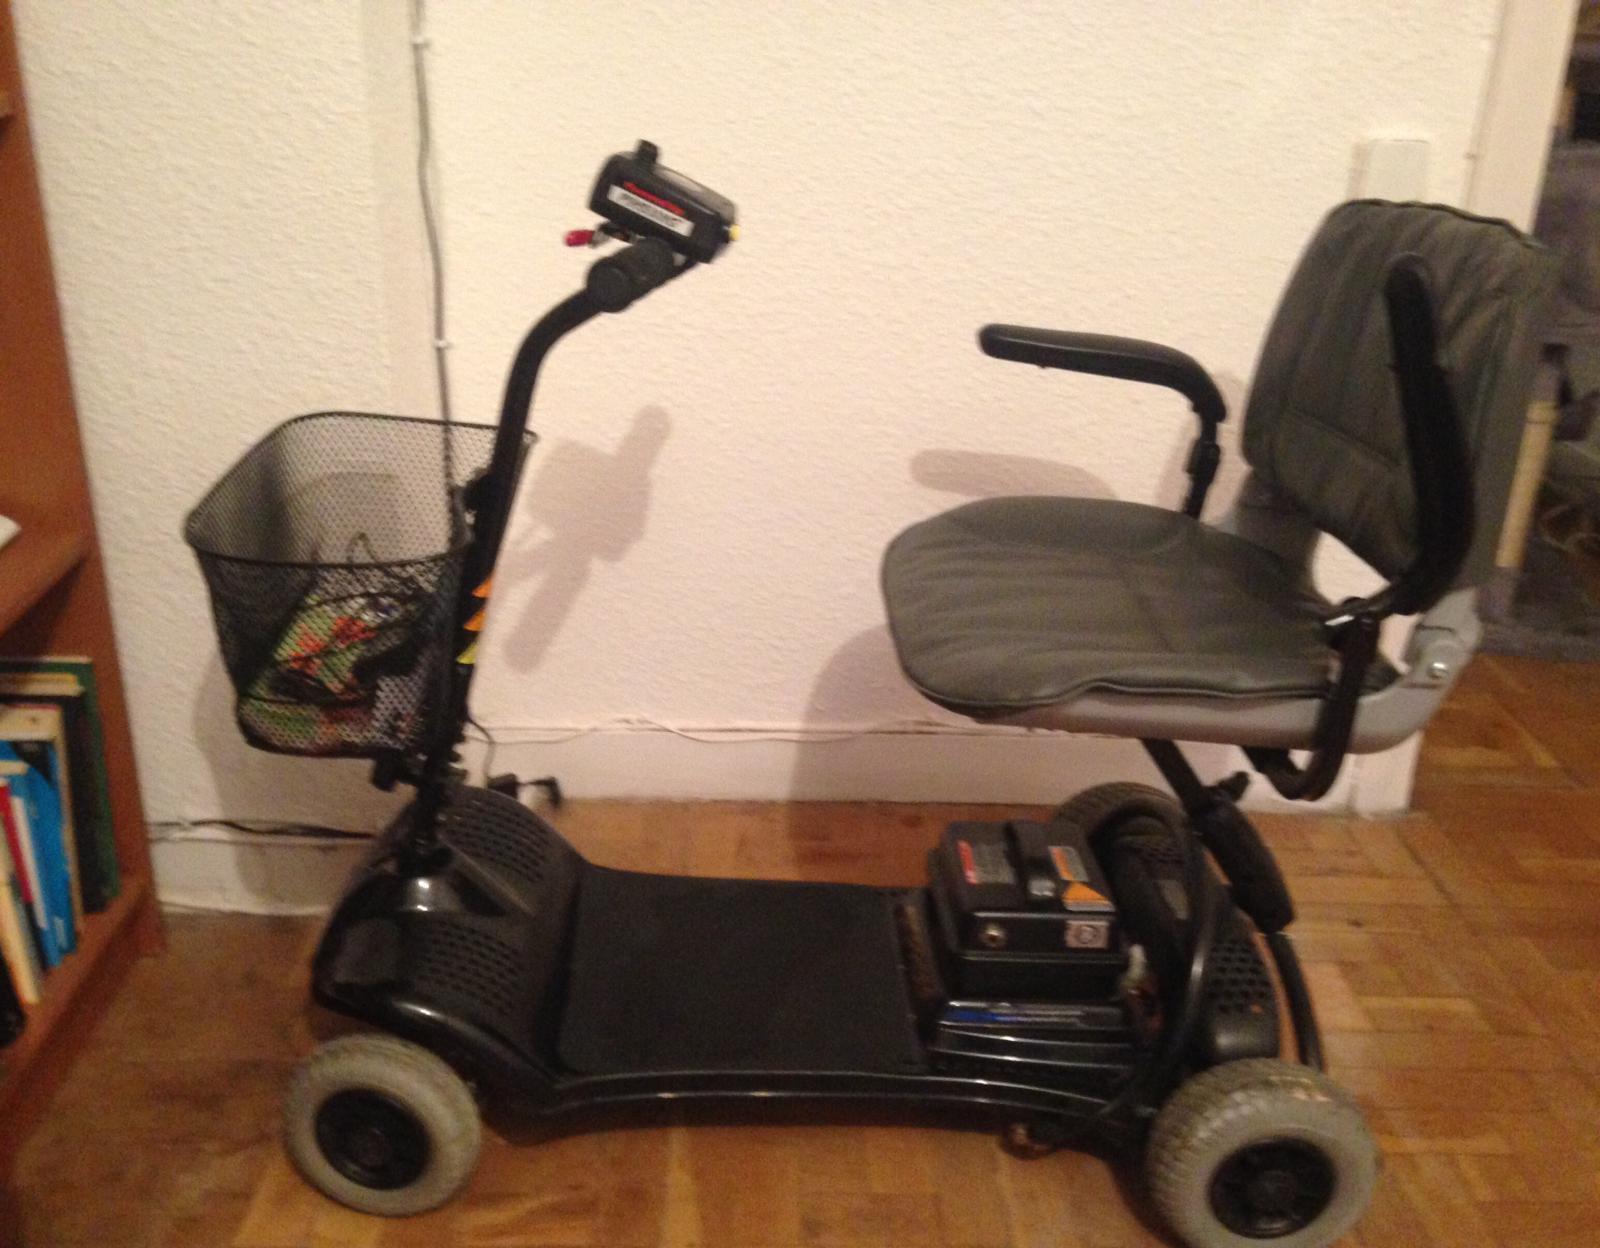 Scooter basico de segunda mano scooters el ctricos y sillas de ruedas - Silla de ruedas electrica de segunda mano ...